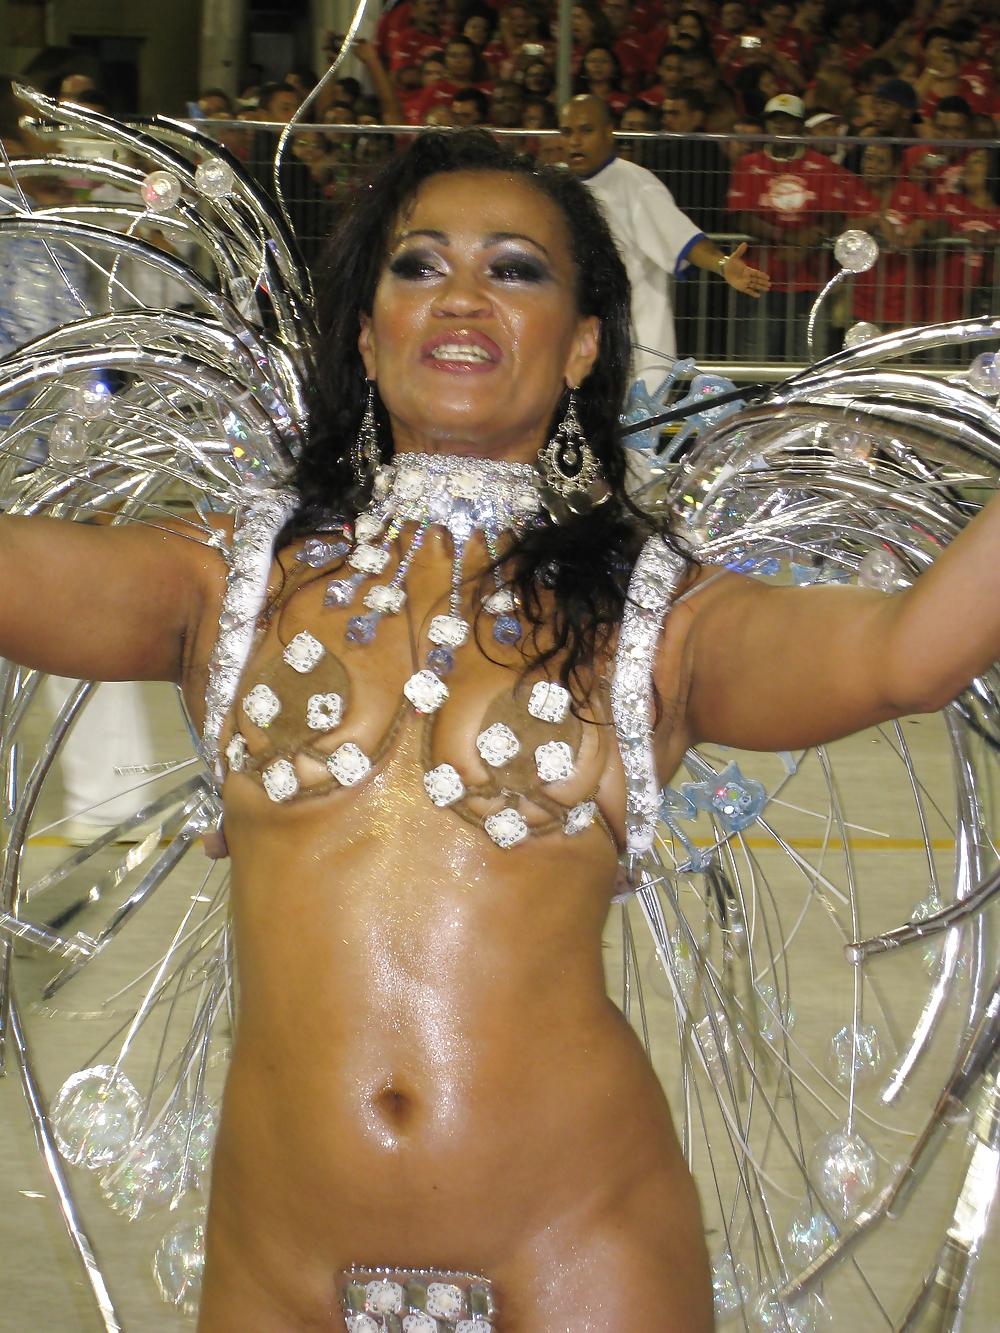 Голая латиноамериканки на карнавале, жена в экстрим бикини в групповом порно онлайн